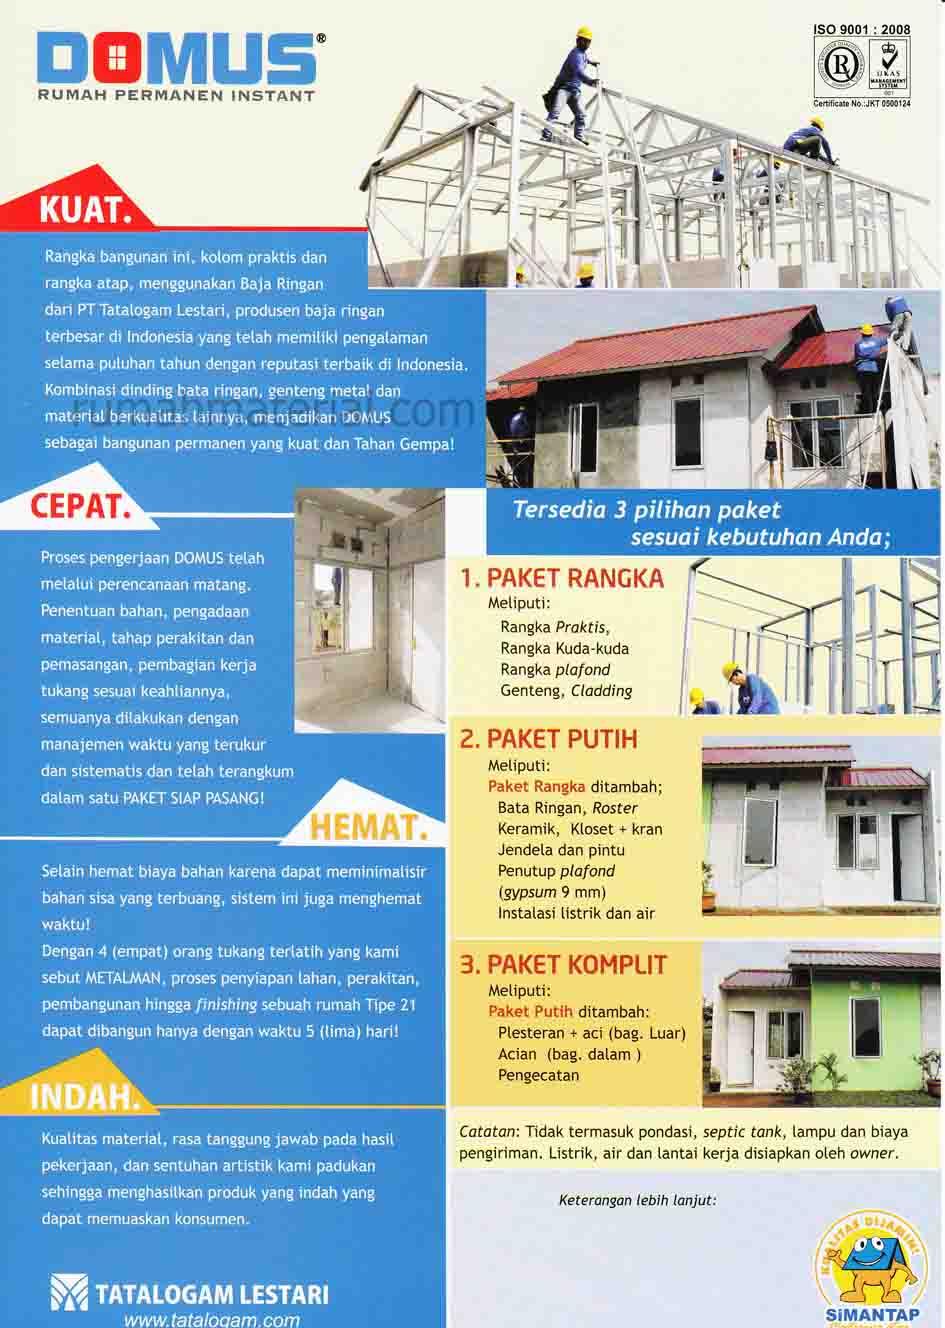 Rumah Permanen Instan Domus Kuat Cepat Hemat Material Keunggulan Desain